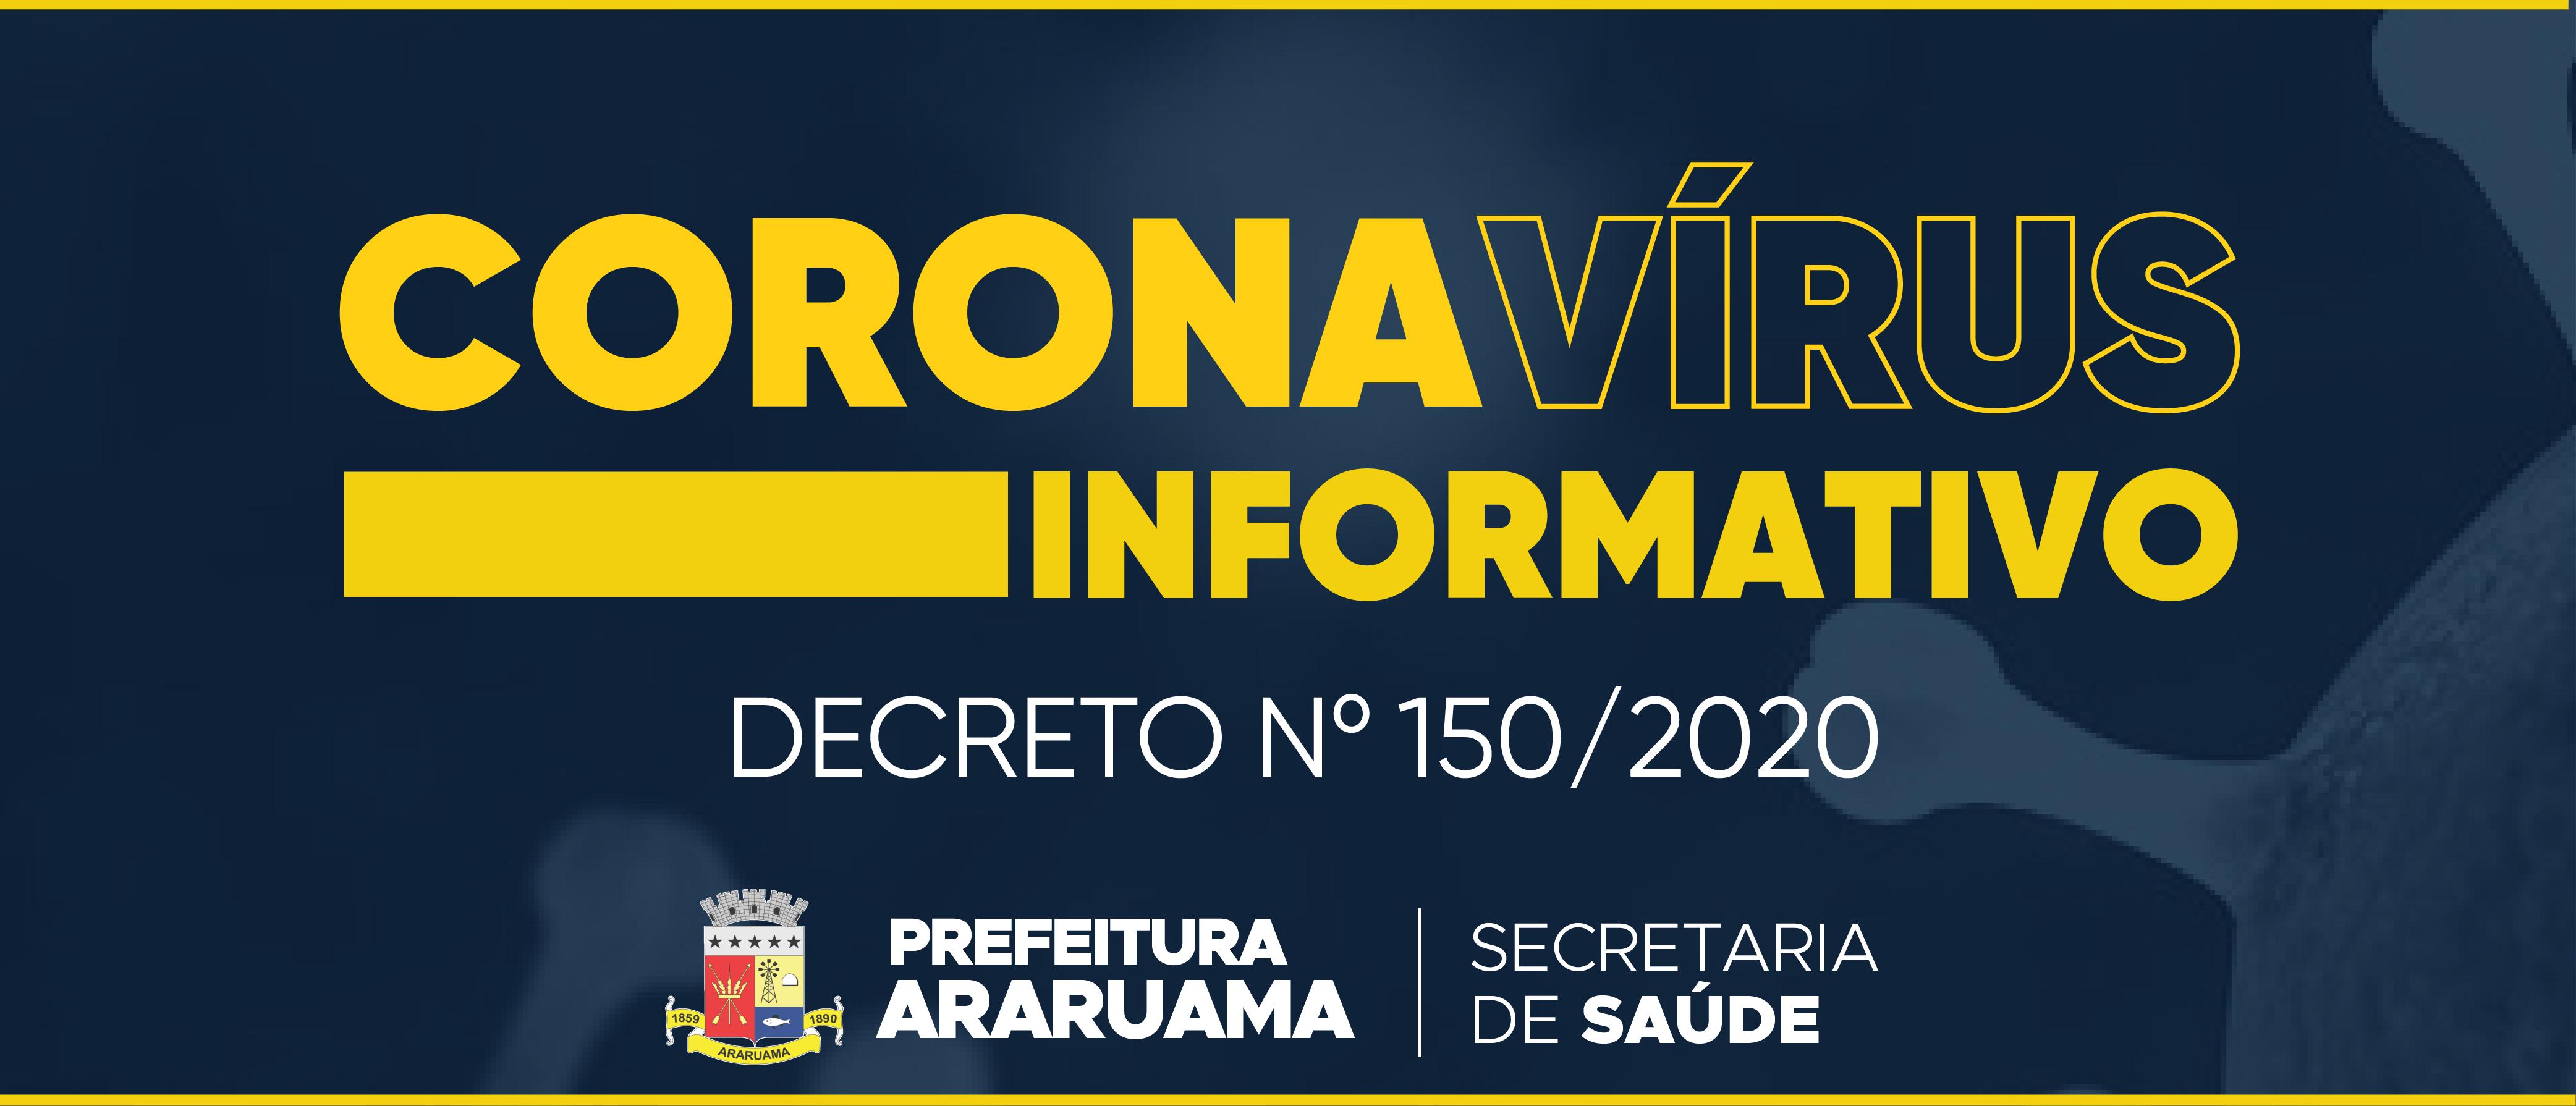 Prefeitura de Araruama publica decreto que trata da prevenção ao Coronavírus